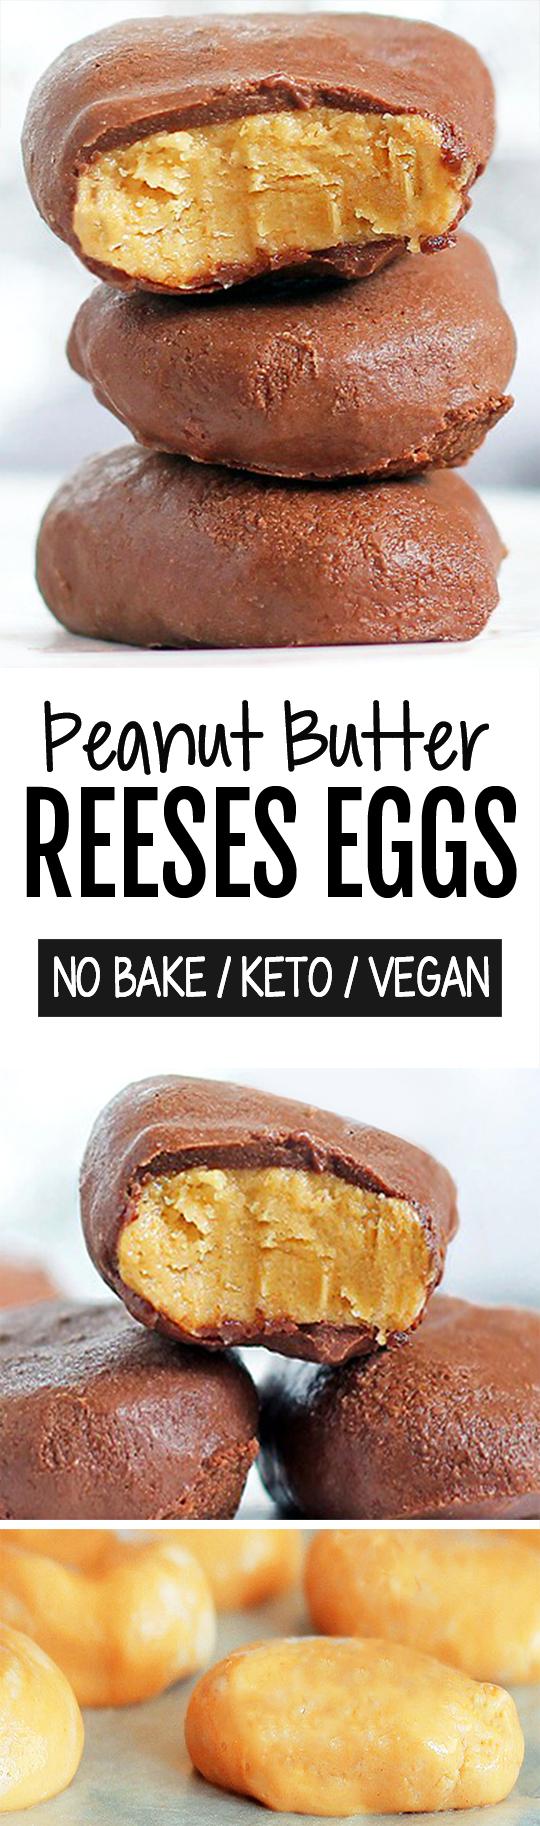 Easy Homemade Reeses Peanut Butter Eggs (Vegan, Keto, No Bake)